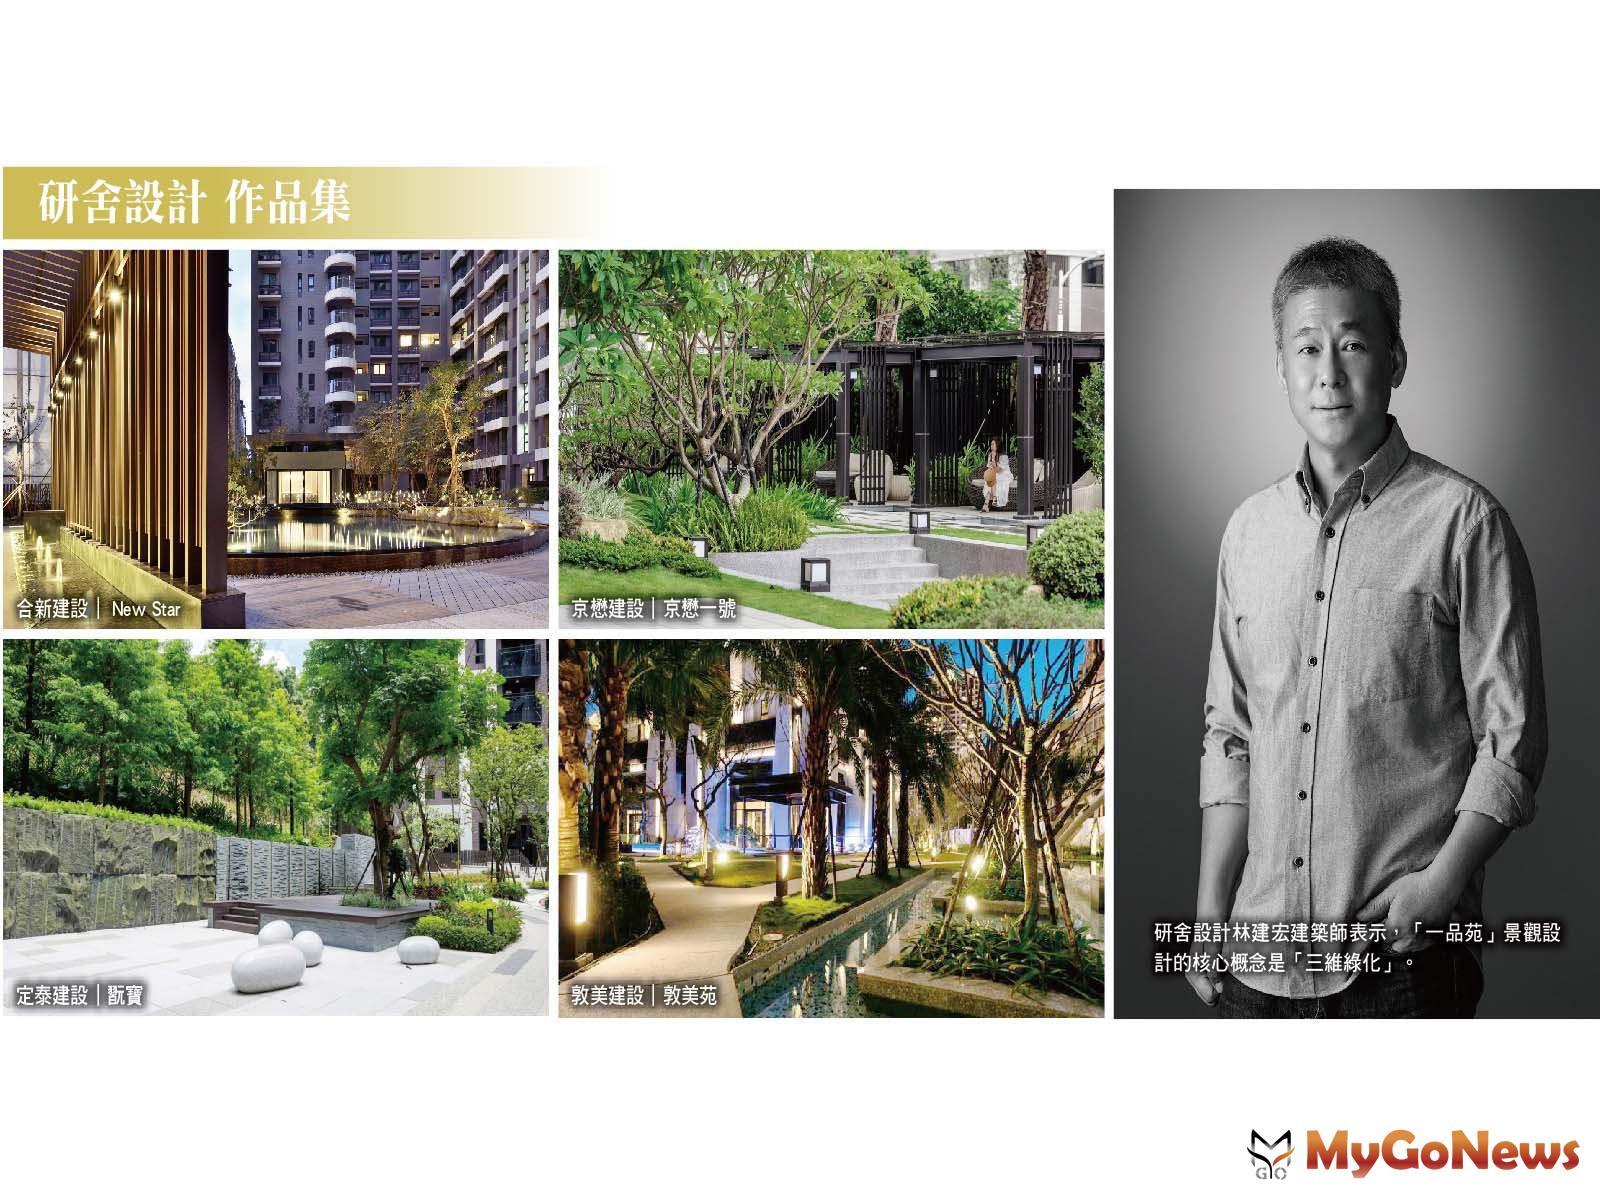 研舍設計林建宏建築師表示,「一品苑」景觀設計的核心概念是「三維綠化」。 MyGoNews房地產新聞 專題報導